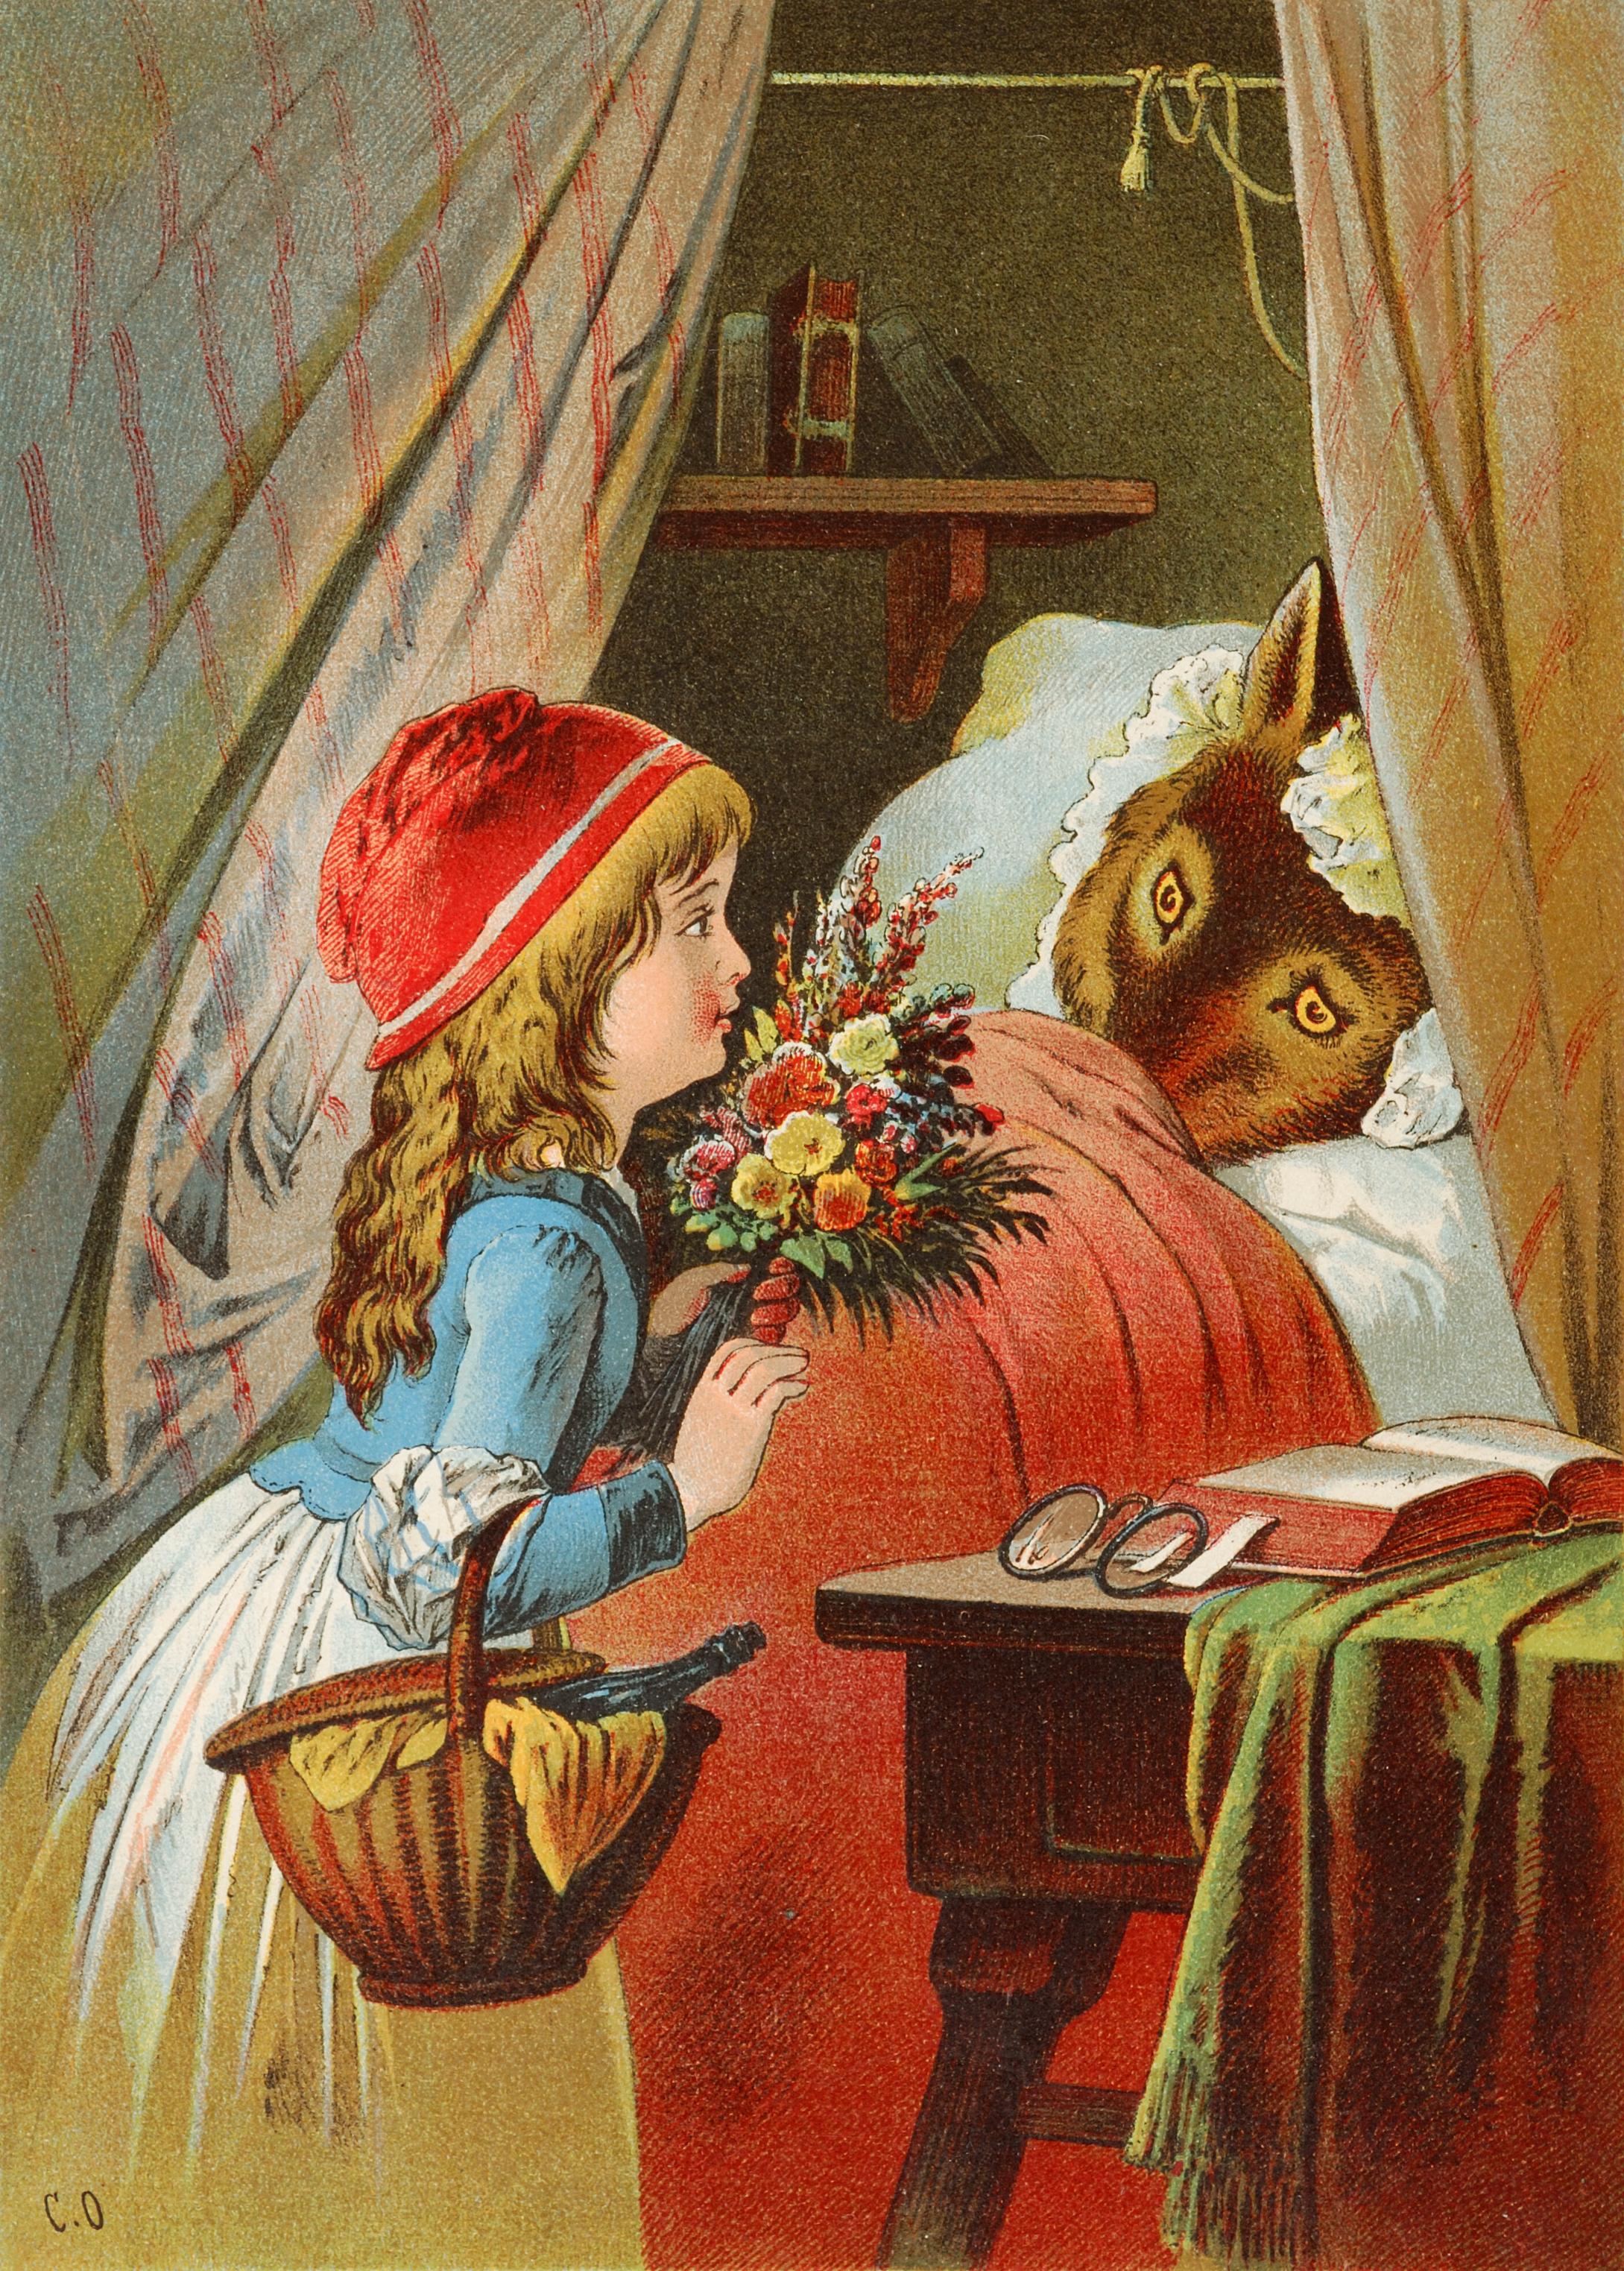 http://commons.wikimedia.org/wiki/File%3AOffterdinger_Rotkappchen_(2).jpg